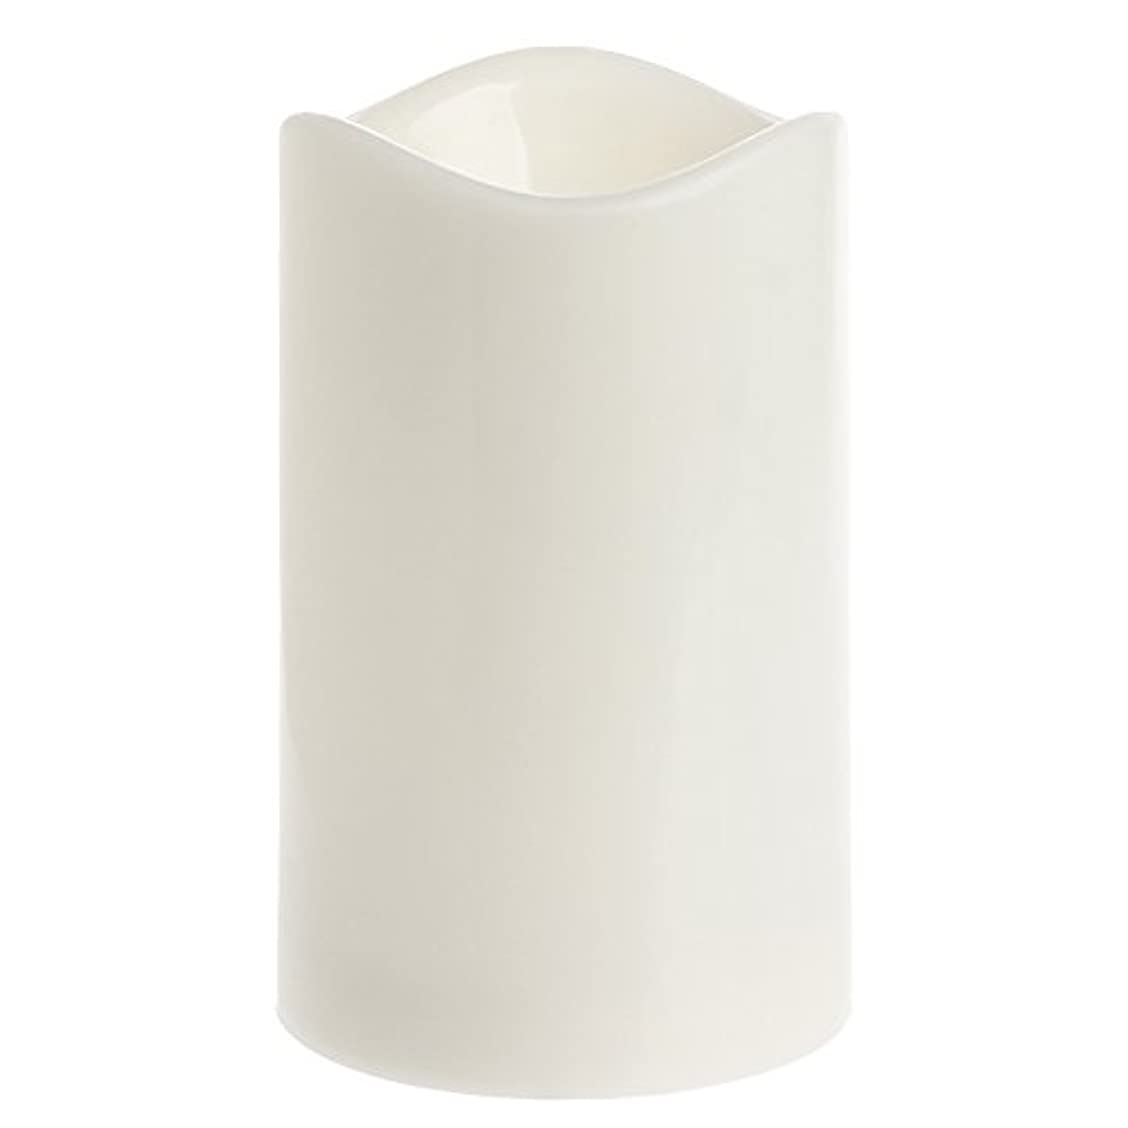 拡大する不運商品SimpleLife ロマンチックなFlameless LED電子キャンドルライト結婚式の香りワックスホームインテリア15 * 7.5センチメートル